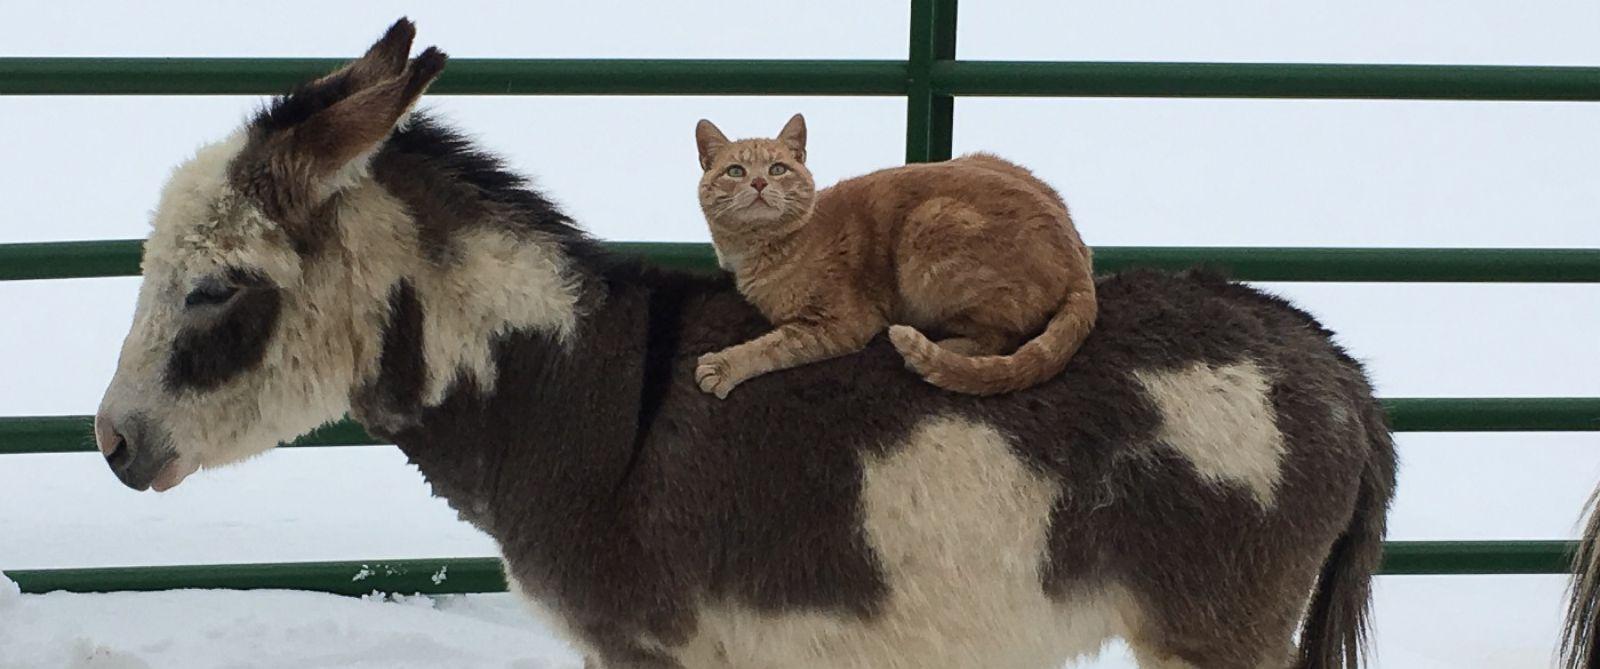 Mačak je šef na ranču i jaše konje